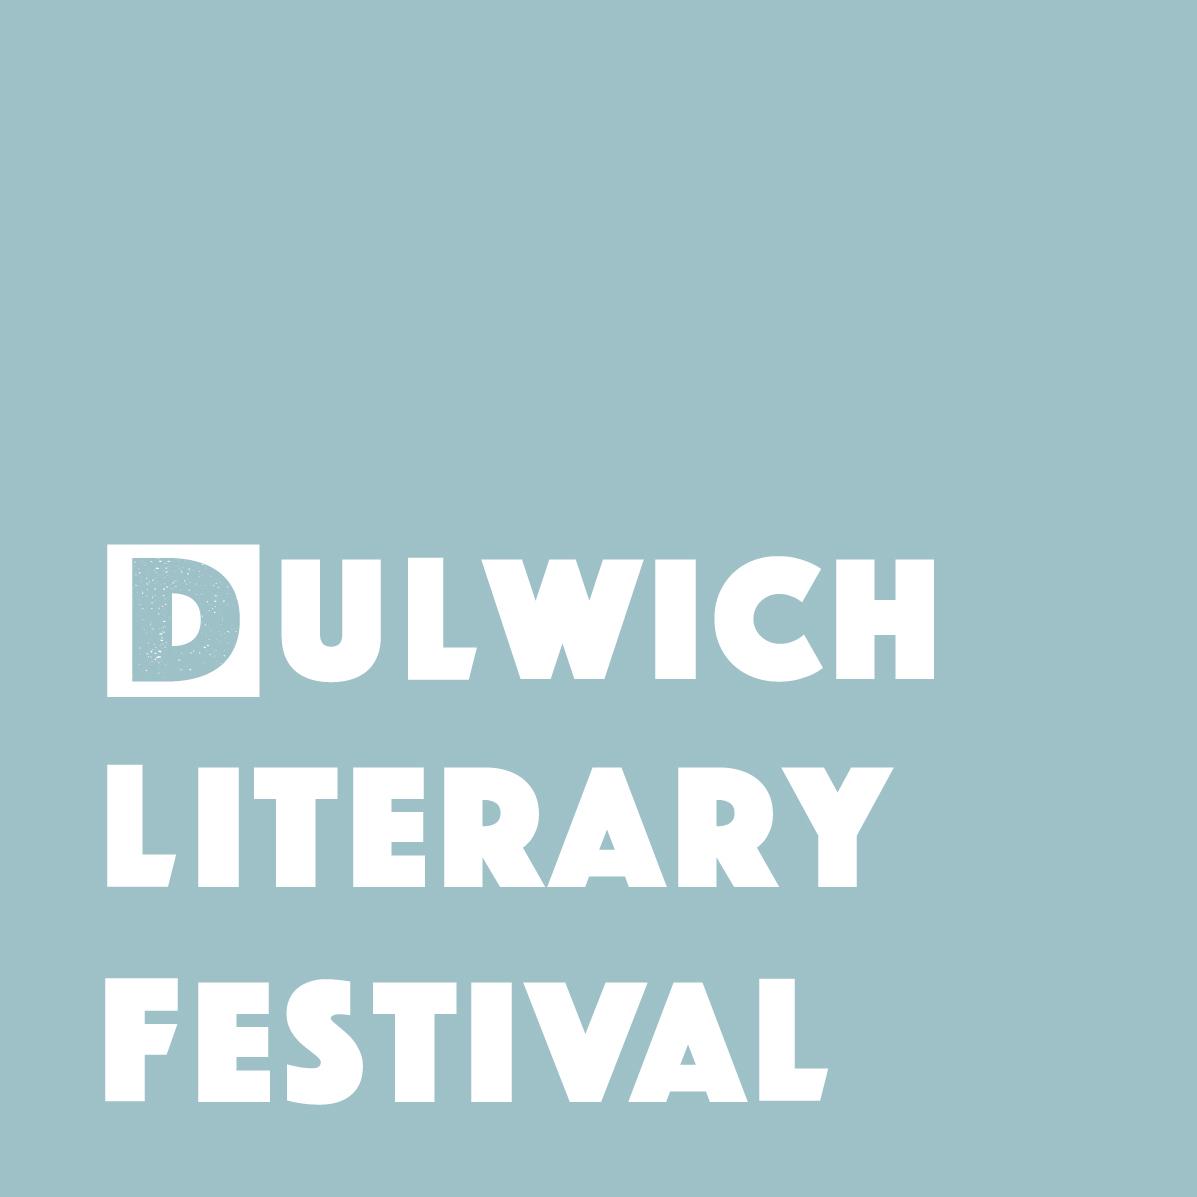 Dulwich-Lit-Fest-square-logo-300dpi-CMYK-for-print.jpg